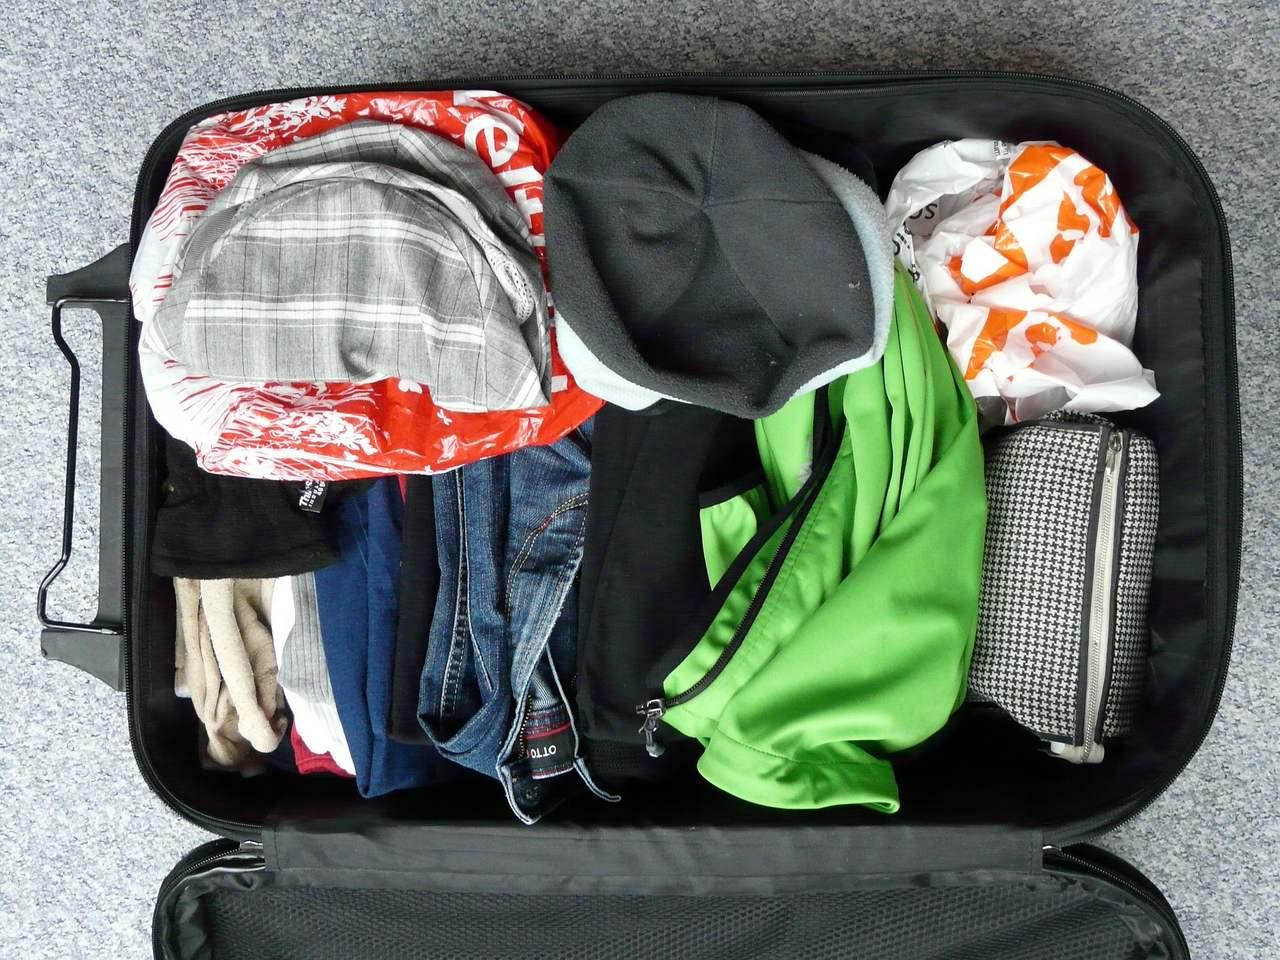 Bagagem de cabine aberta com roupa dentro. Foto de Pixabay